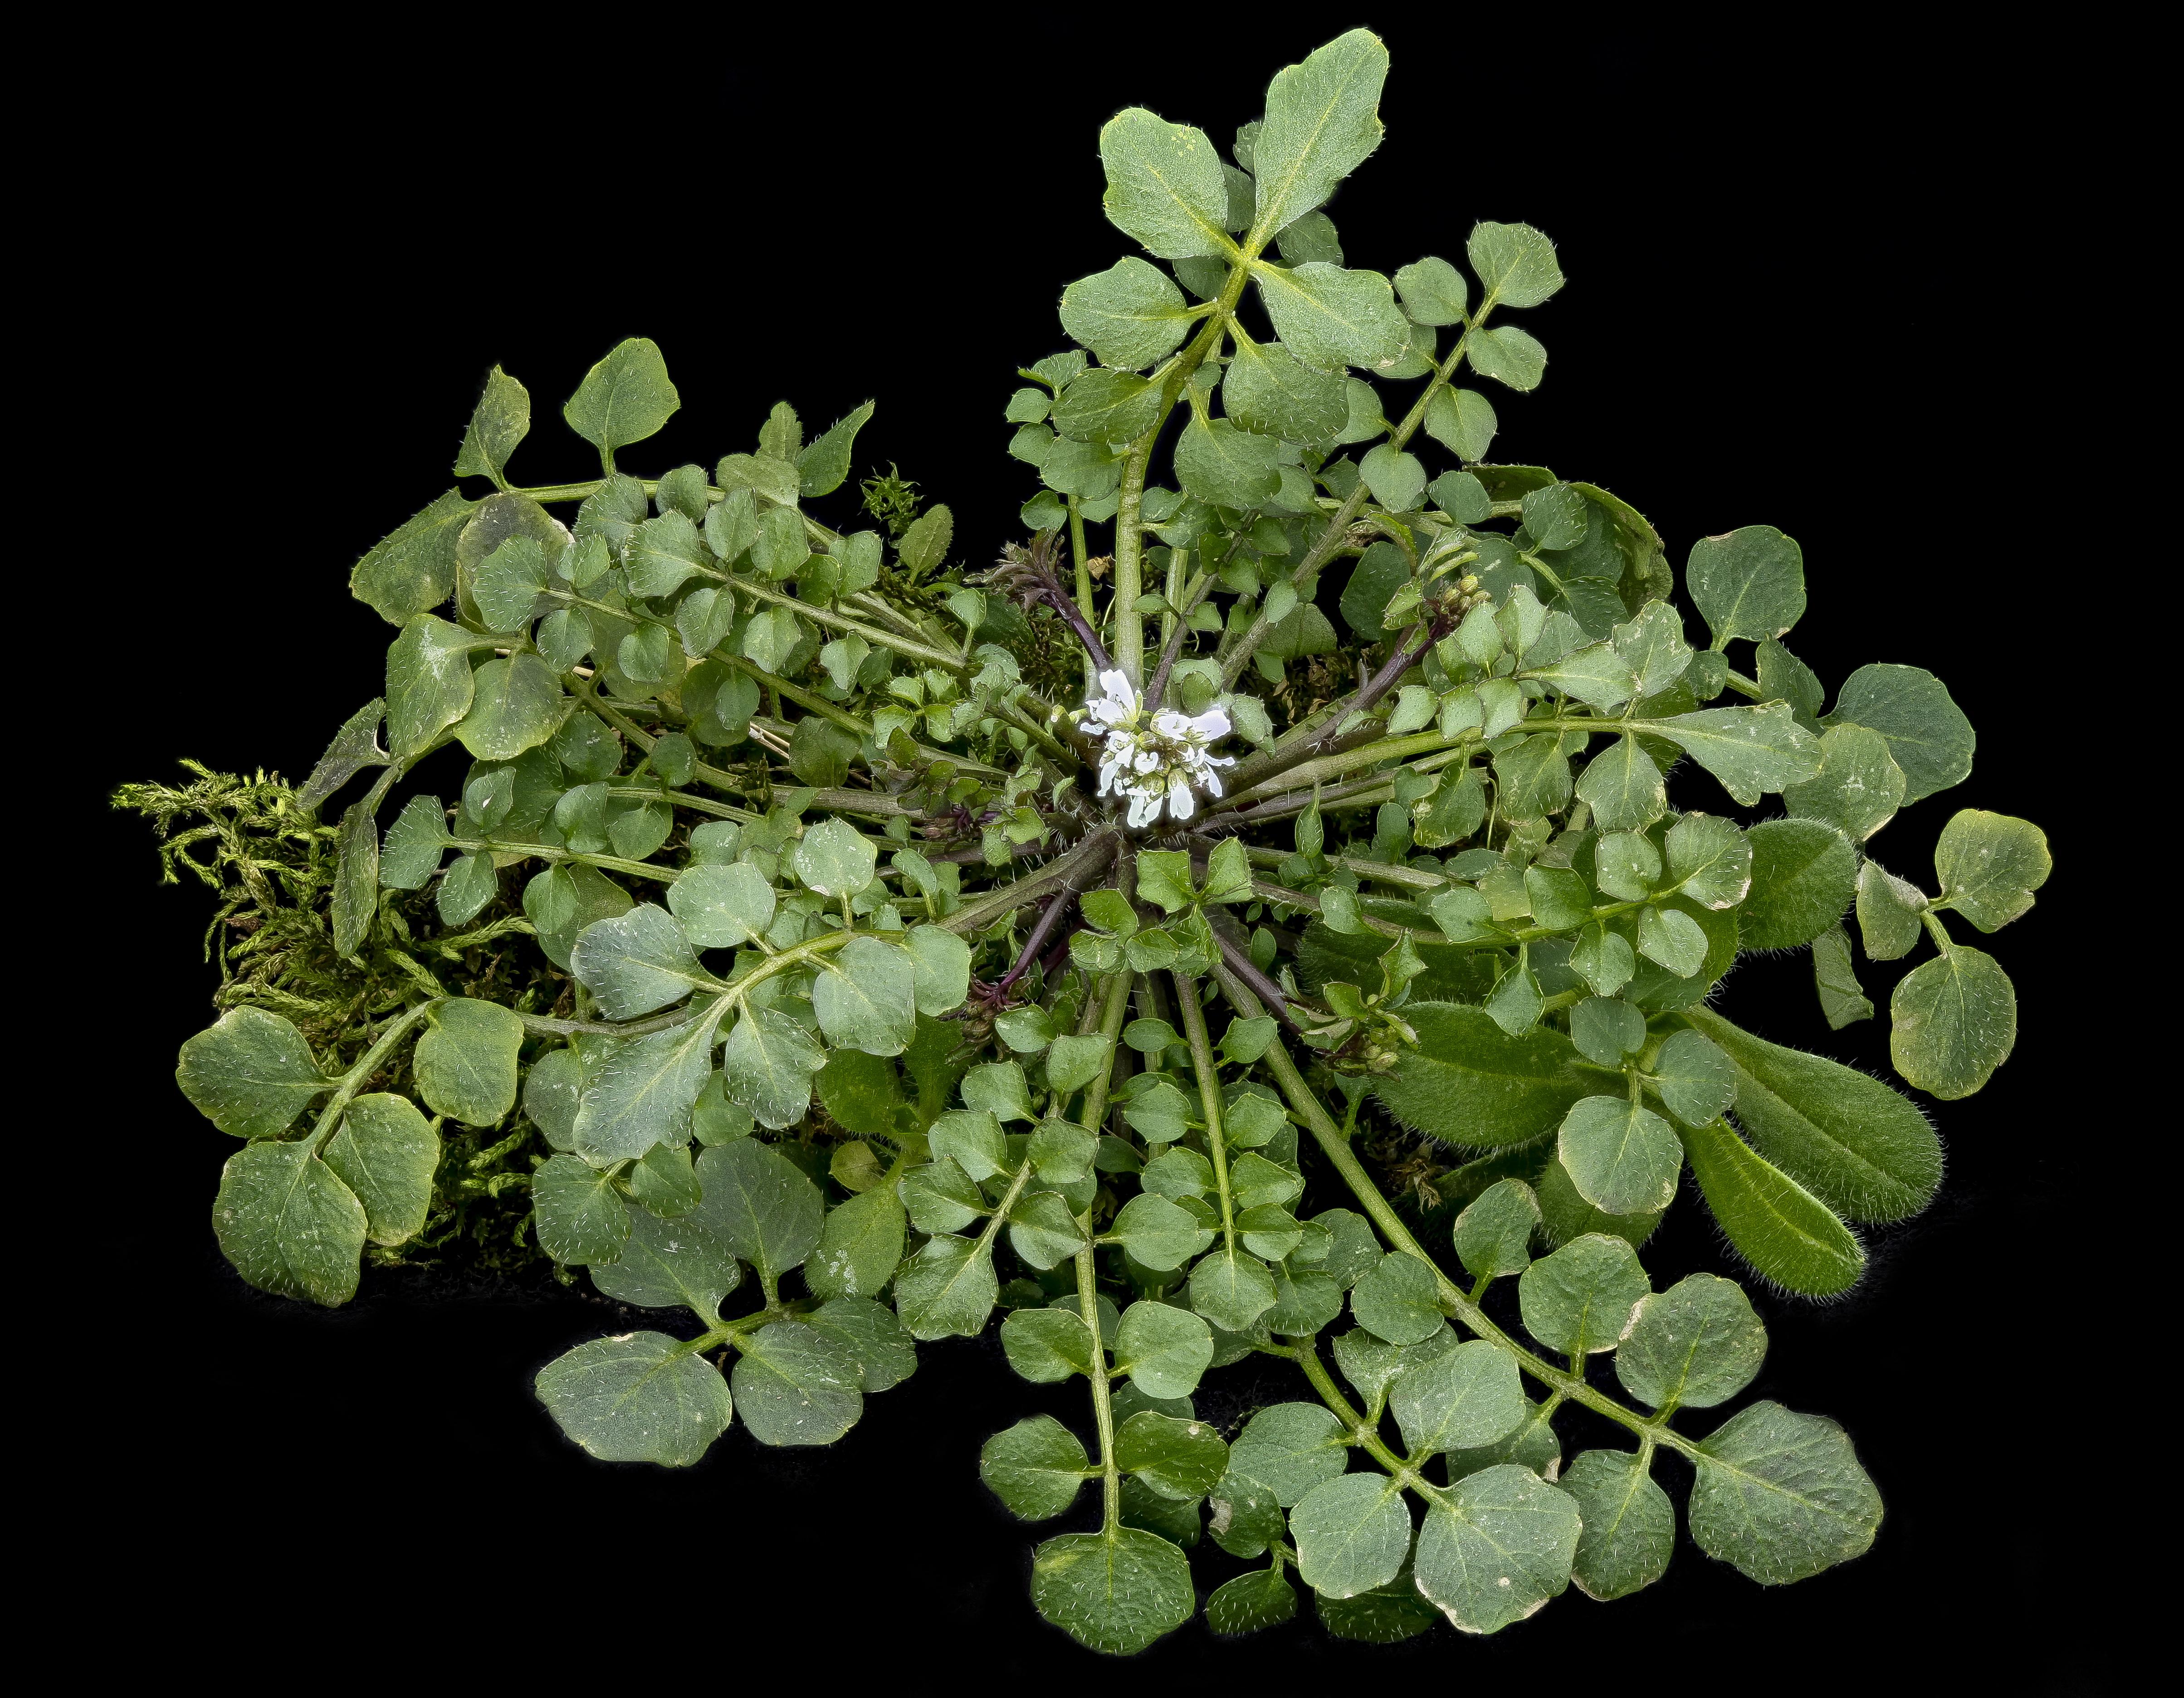 Bonnes croquer ces surprenantes mauvaises herbes la for Mauvaises herbes du jardin photos